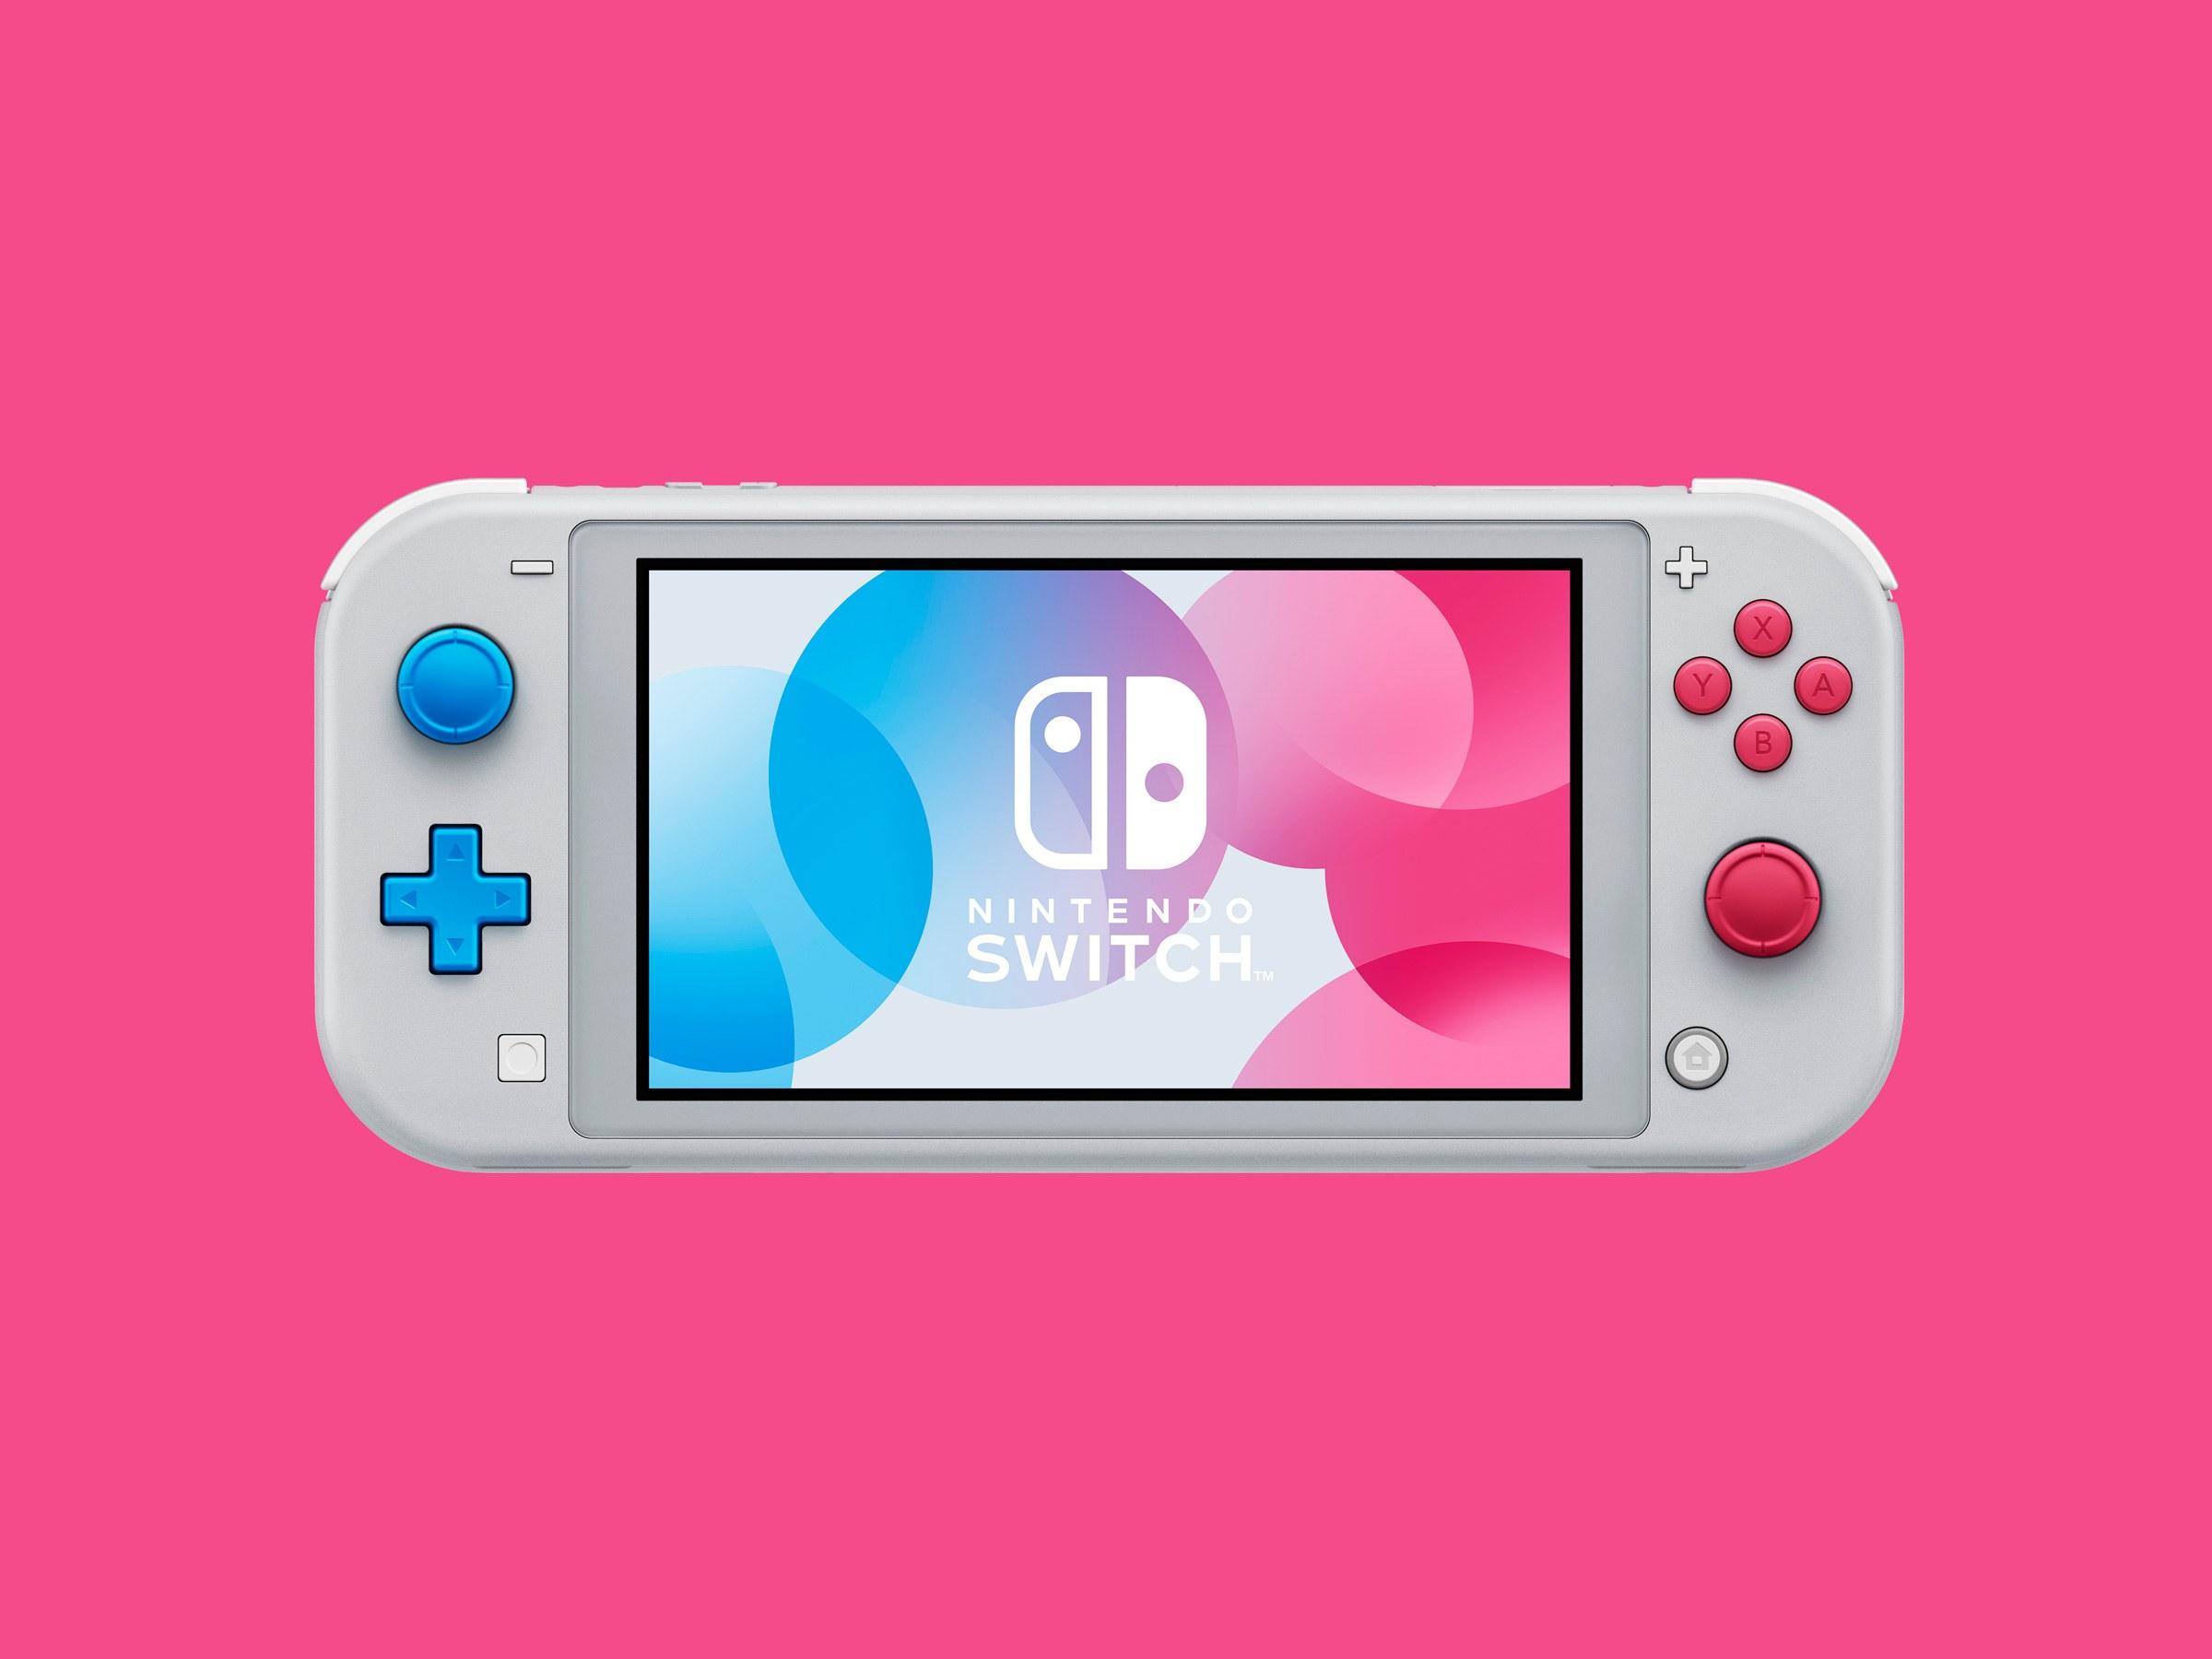 Nintendo Switch zenbat saltzen zuen?  Hona hemen erantzuna